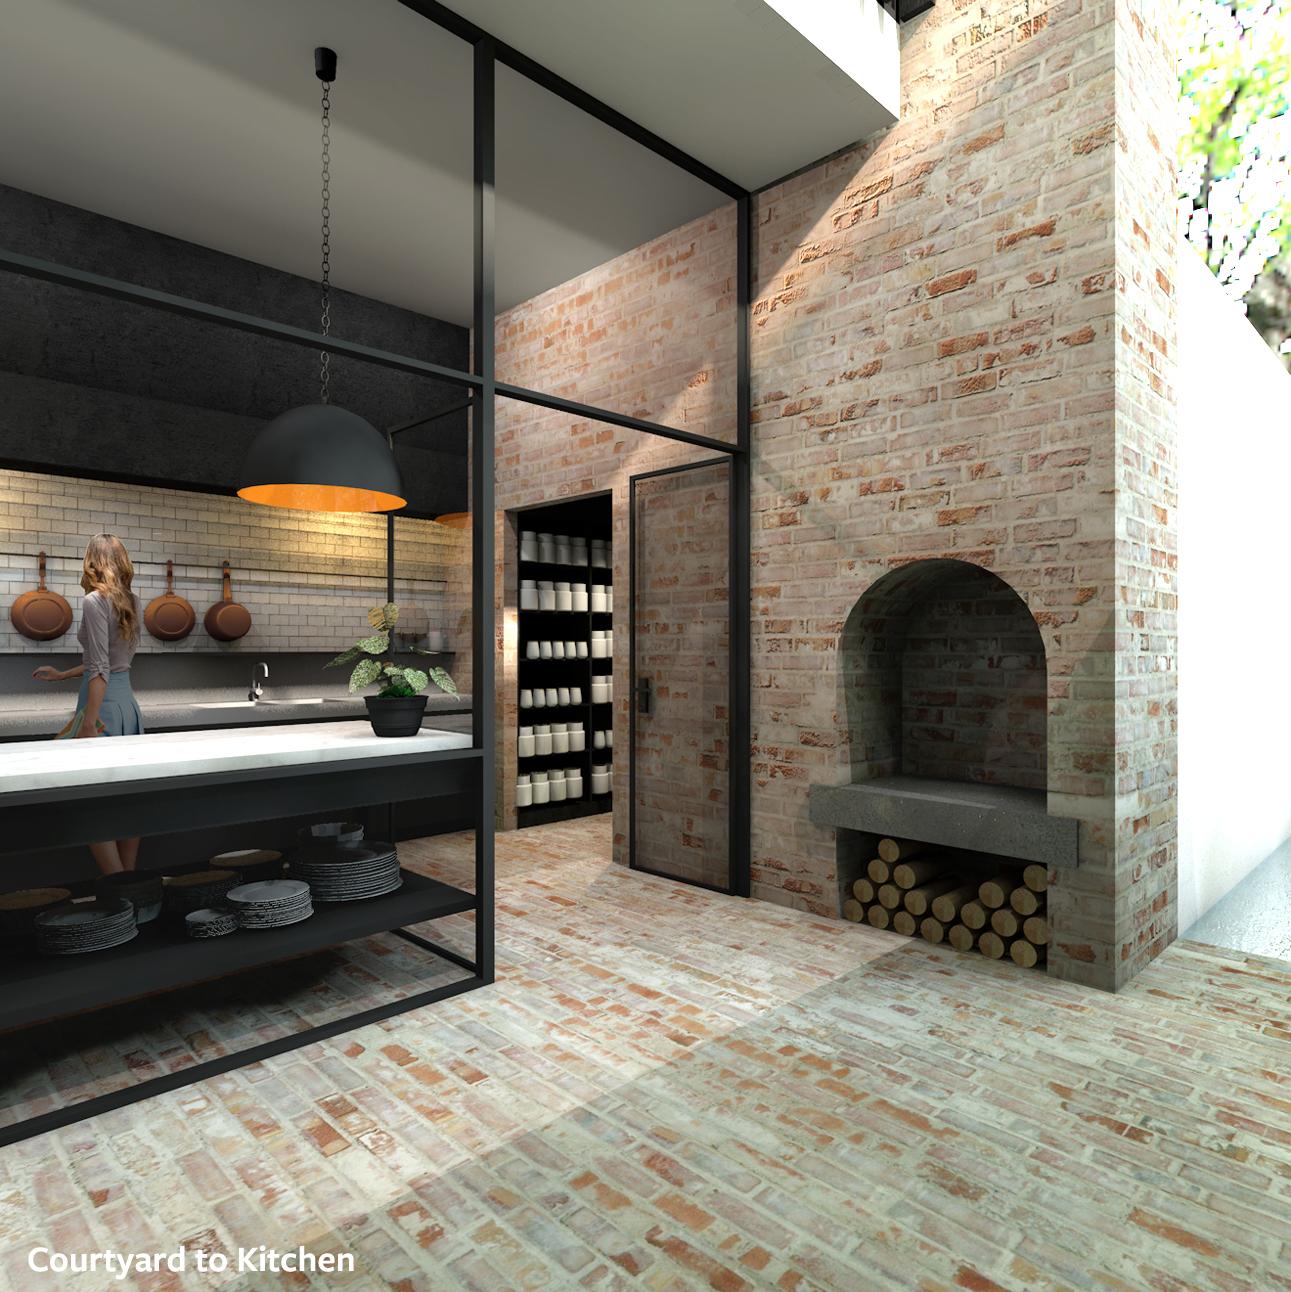 Internal Courtyard House External Fireplace Olivia van Dijk Architecture.jpg